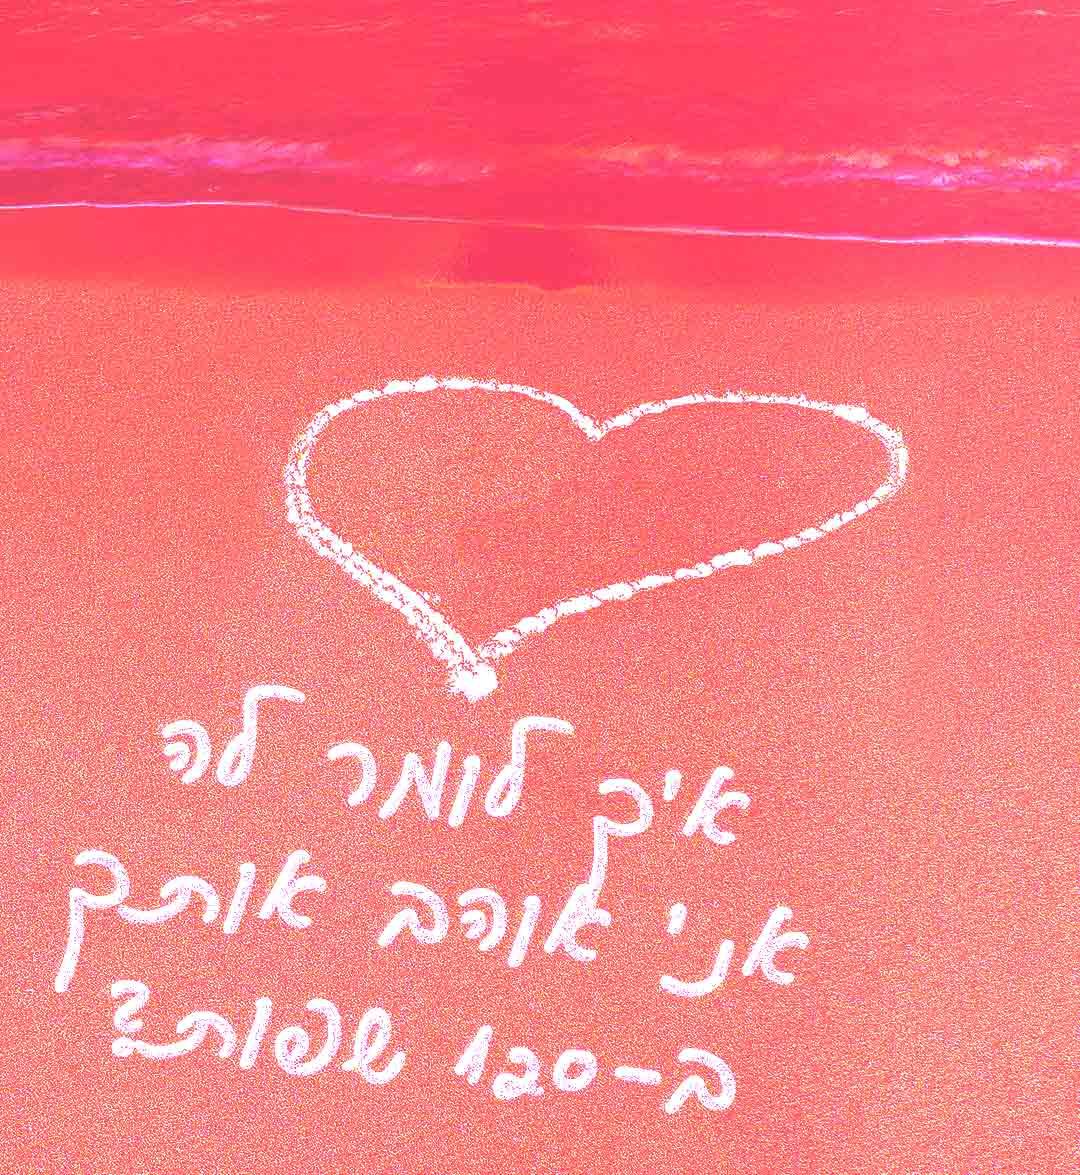 דברים מיוחדים ליום האהבה - תכשיט מקורי אהבה ב-120 שפות - ננו תכשיטיםדברים מיוחדים ליום האהבה - תכשיט מקורי אהבה ב-120 שפות - ננו תכשיטים